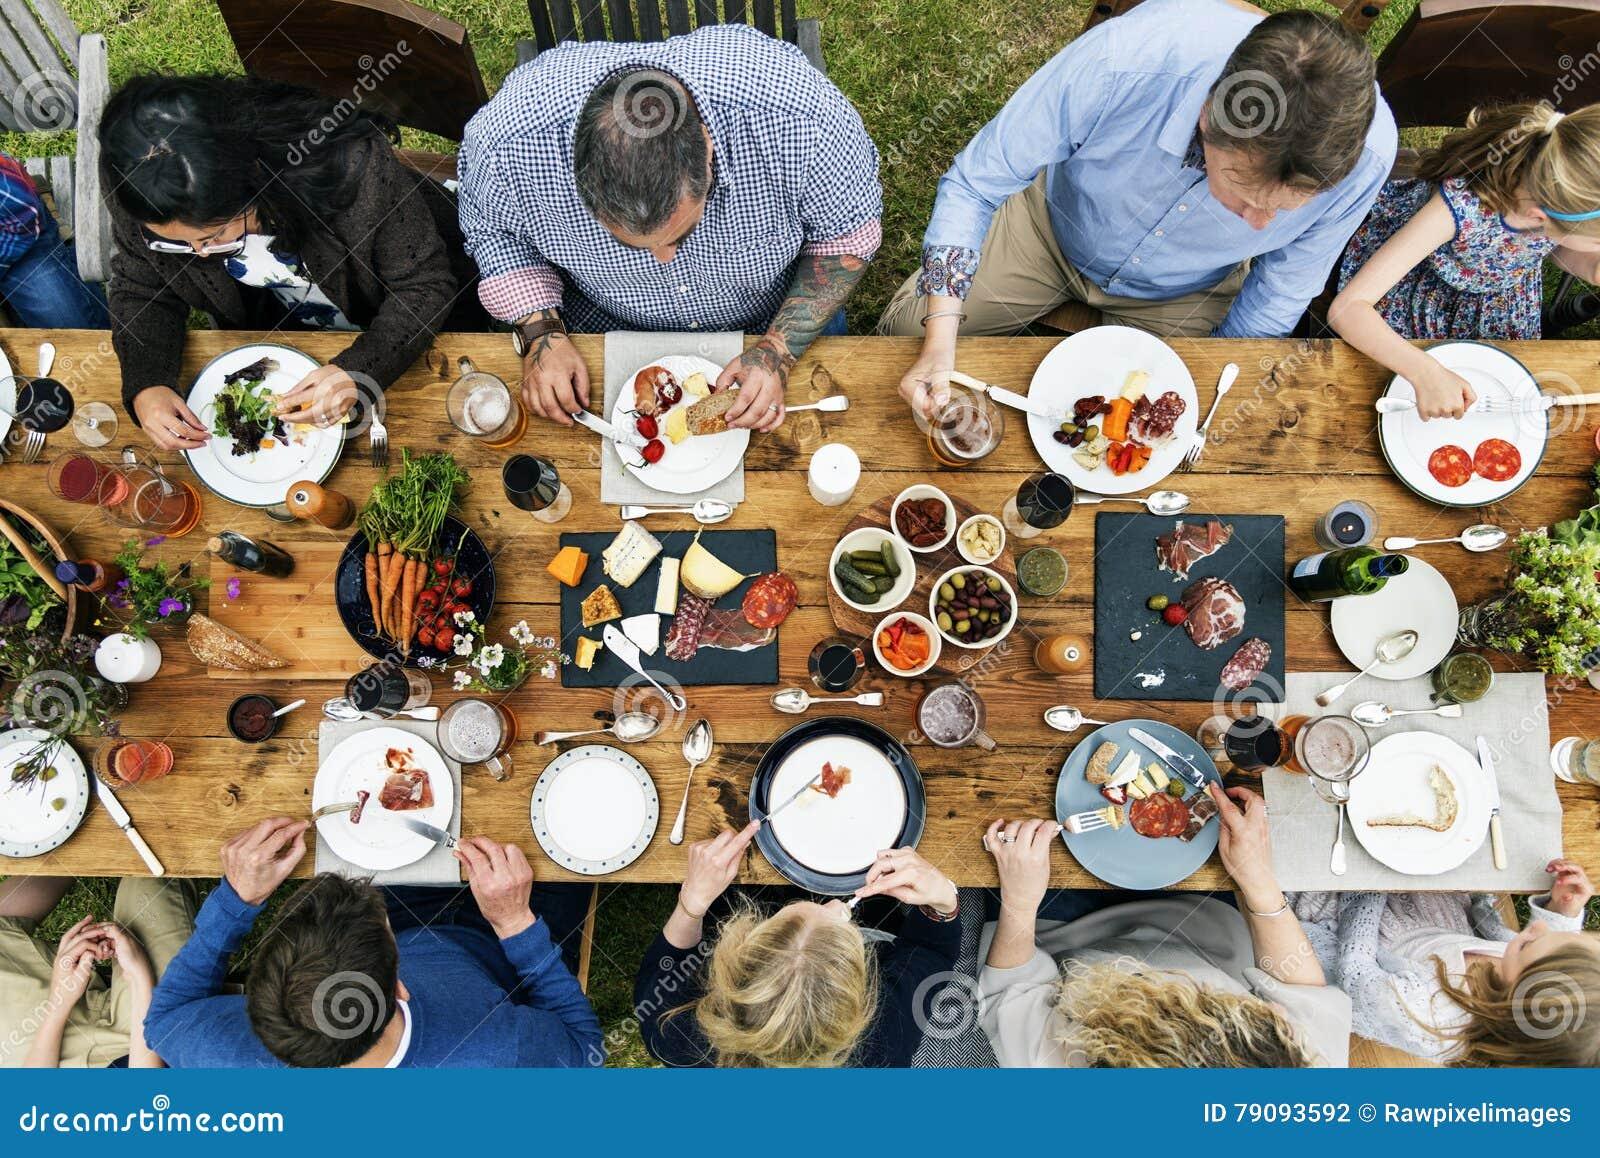 Grupp människor som äter middag begrepp